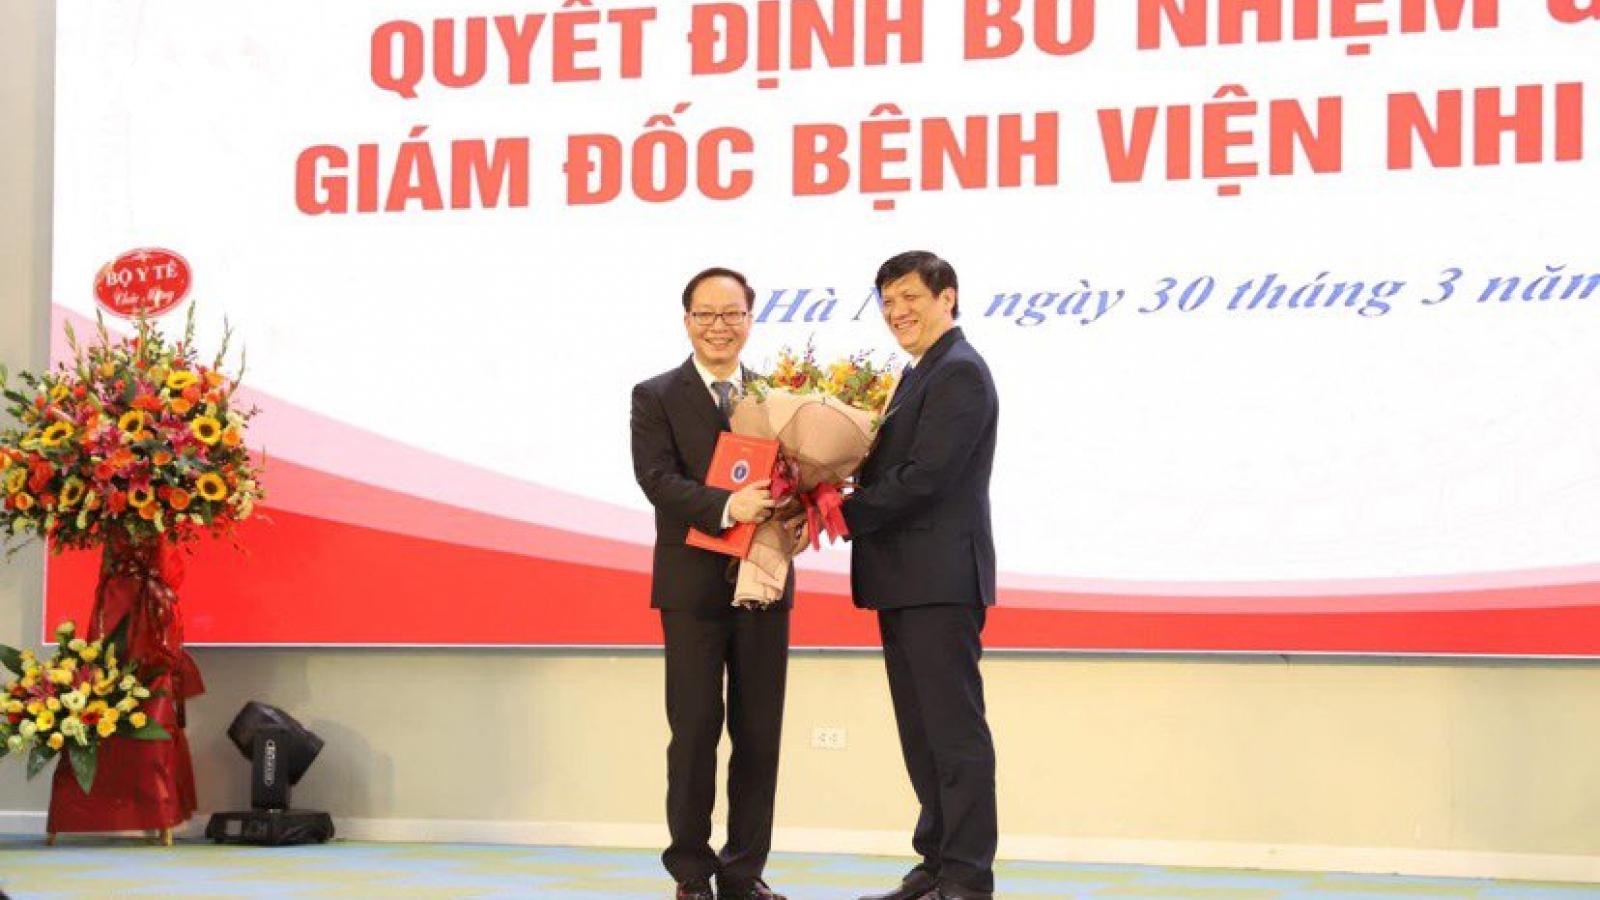 PGS.TS Trần Minh Điển được bổ nhiệm Giám đốc BV Nhi Trung ương